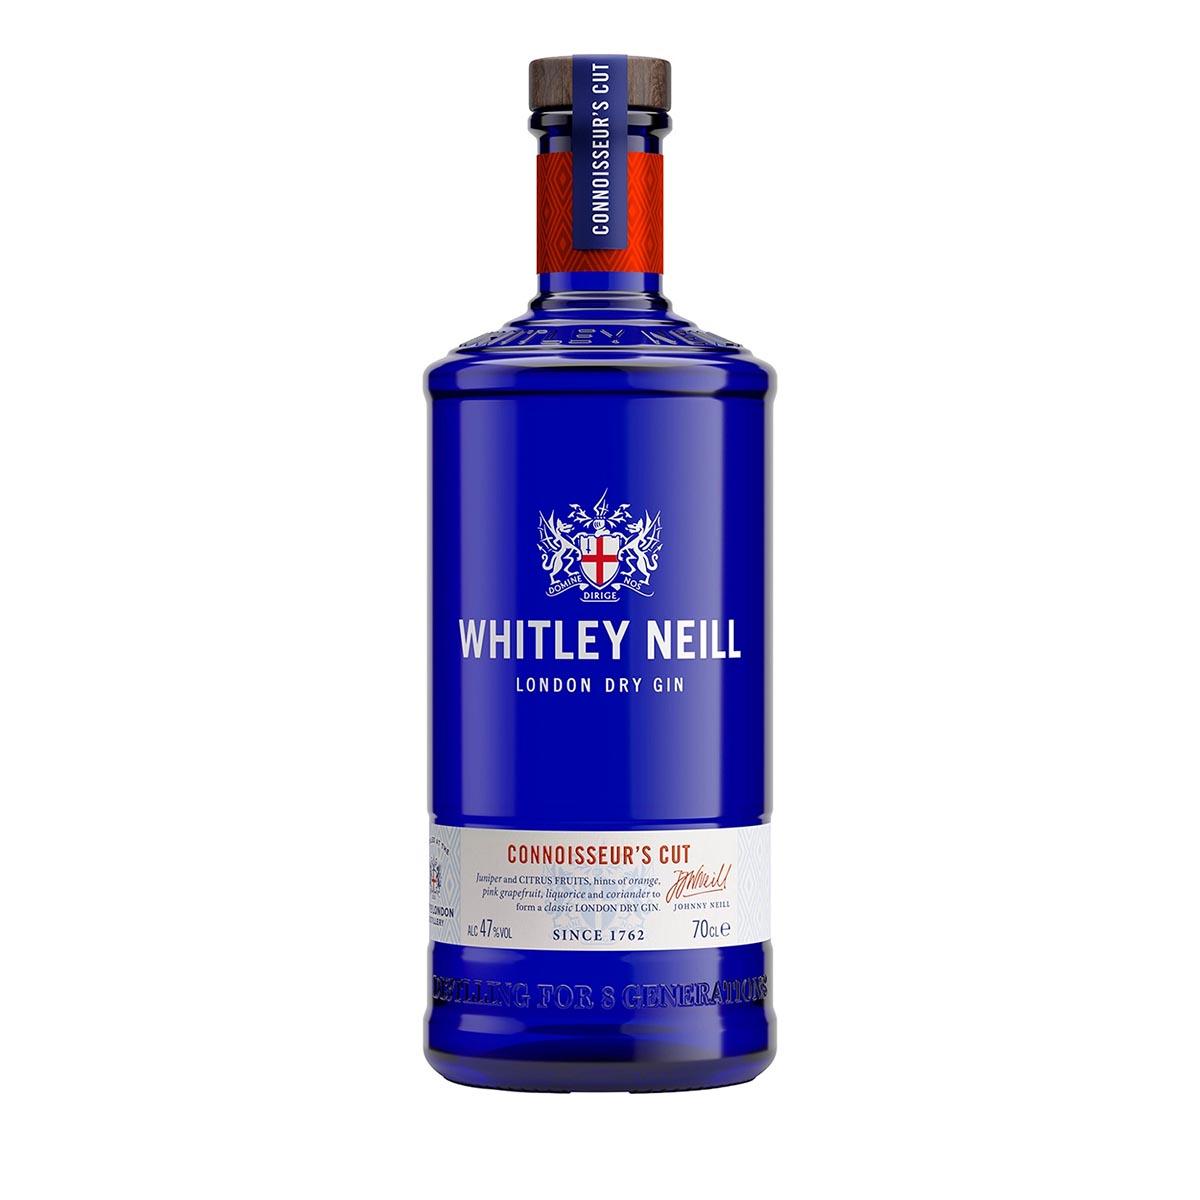 Whitley Neills Connoisseurs Cut